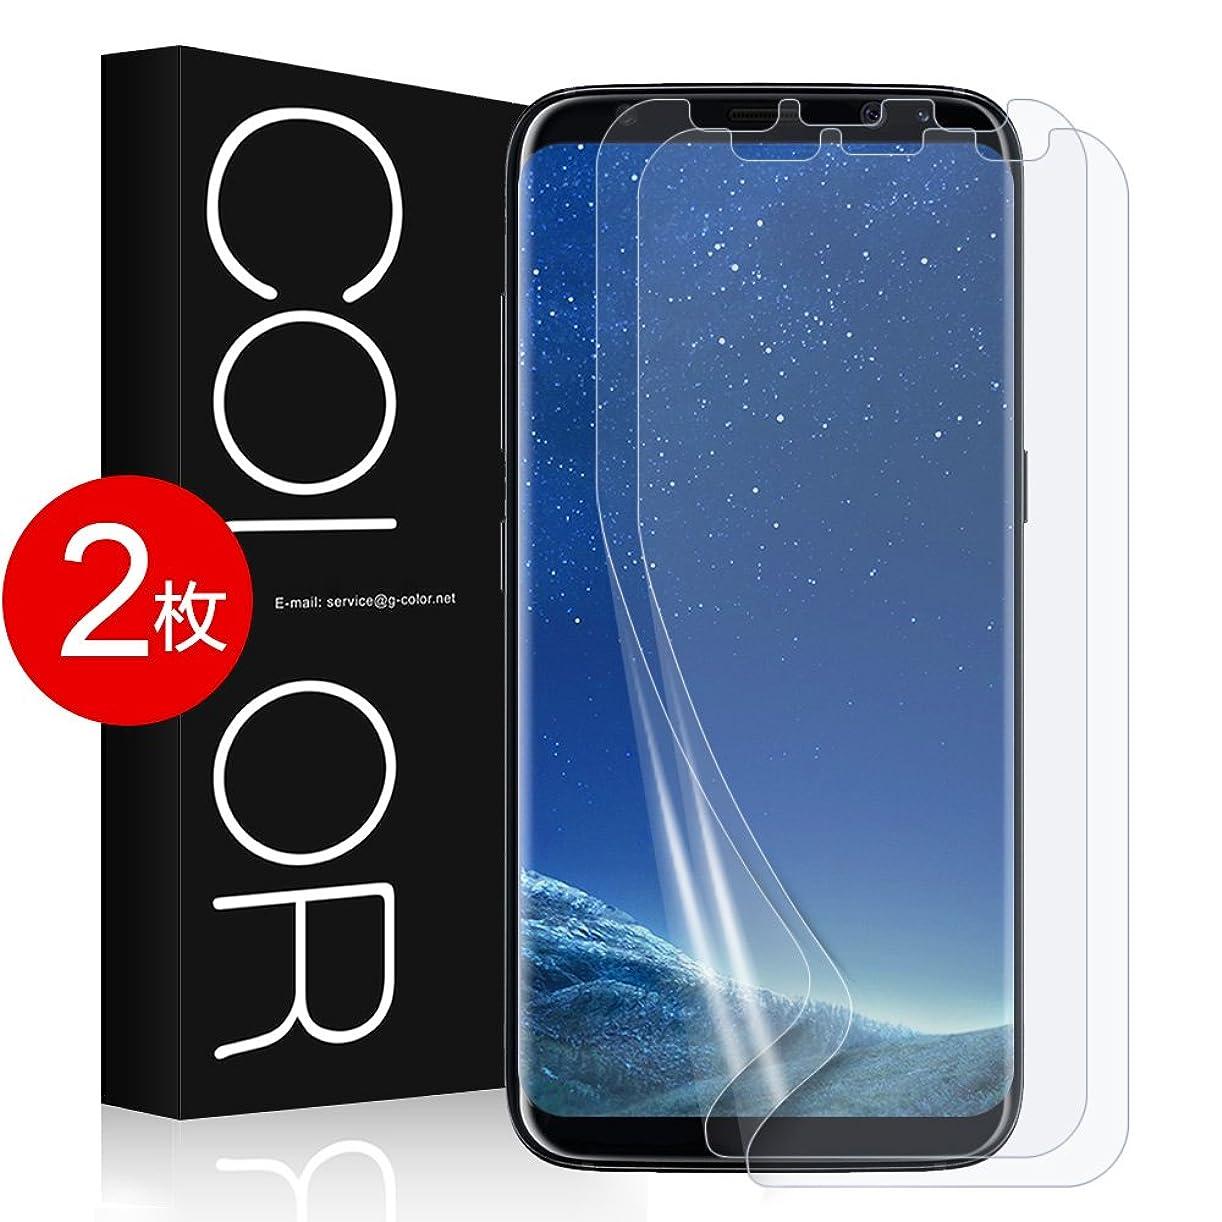 締め切り胃カウントGalaxy S8+ フィルム G-Color Galaxy S8 Plus フィルム 全面保護 気泡ゼロ ケースに干渉せず 非ガラスフィルム 貼り直すことができる Samsung Galaxy S8+/S8 Plus 対応 6.2インチ 透明ケース付き (保護フィルム2枚)